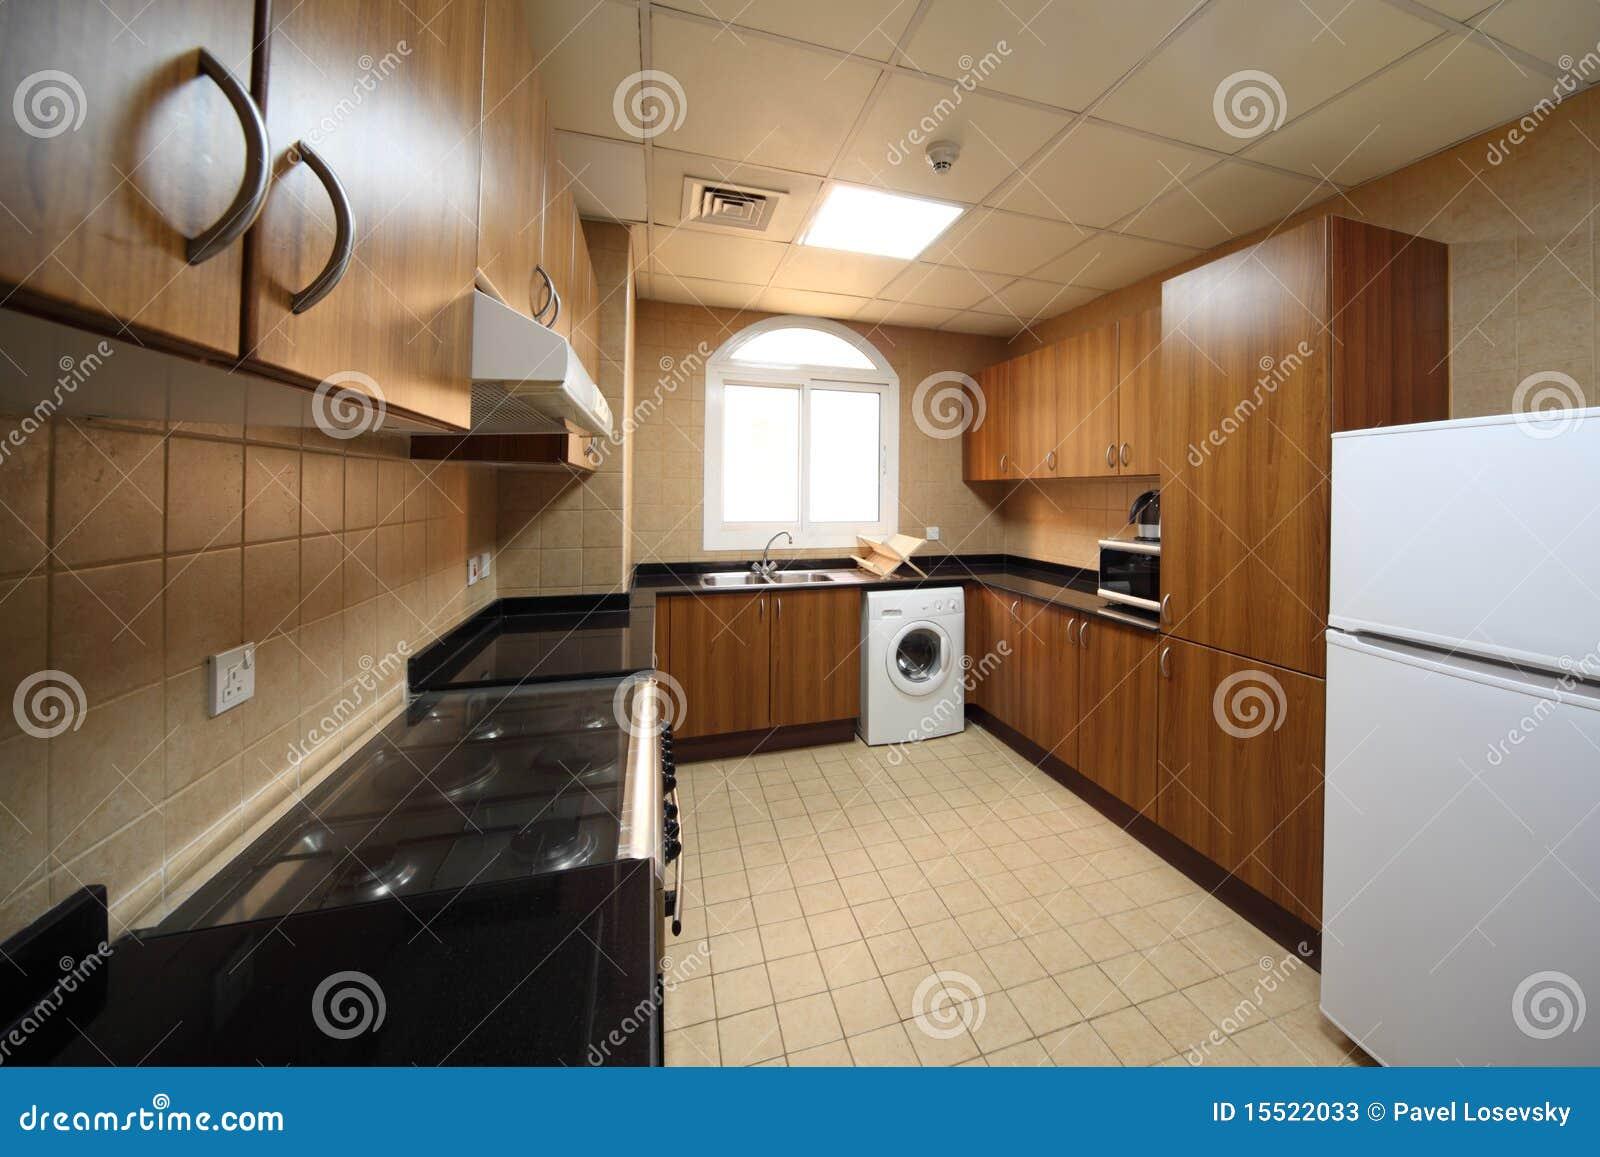 Cucina con gli armadietti la lavatrice ed il frigorifero - Cucine con lavatrice ...